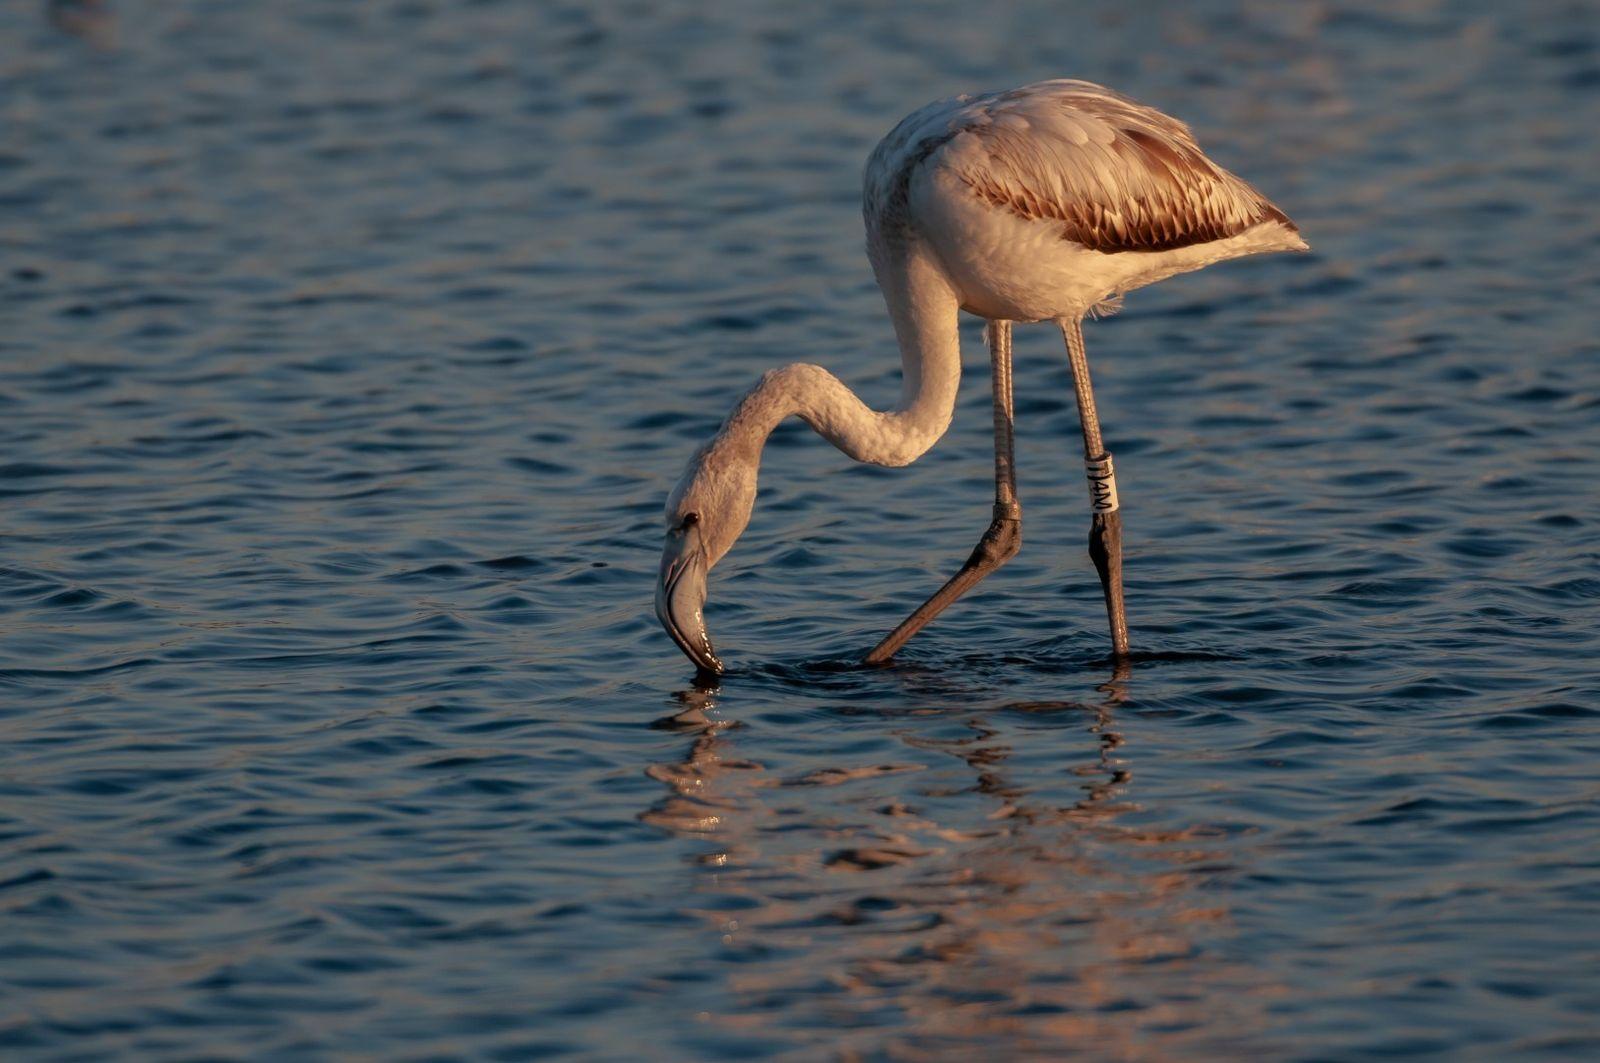 Imagens Encantadoras de Flamingos na Ria de Aveiro